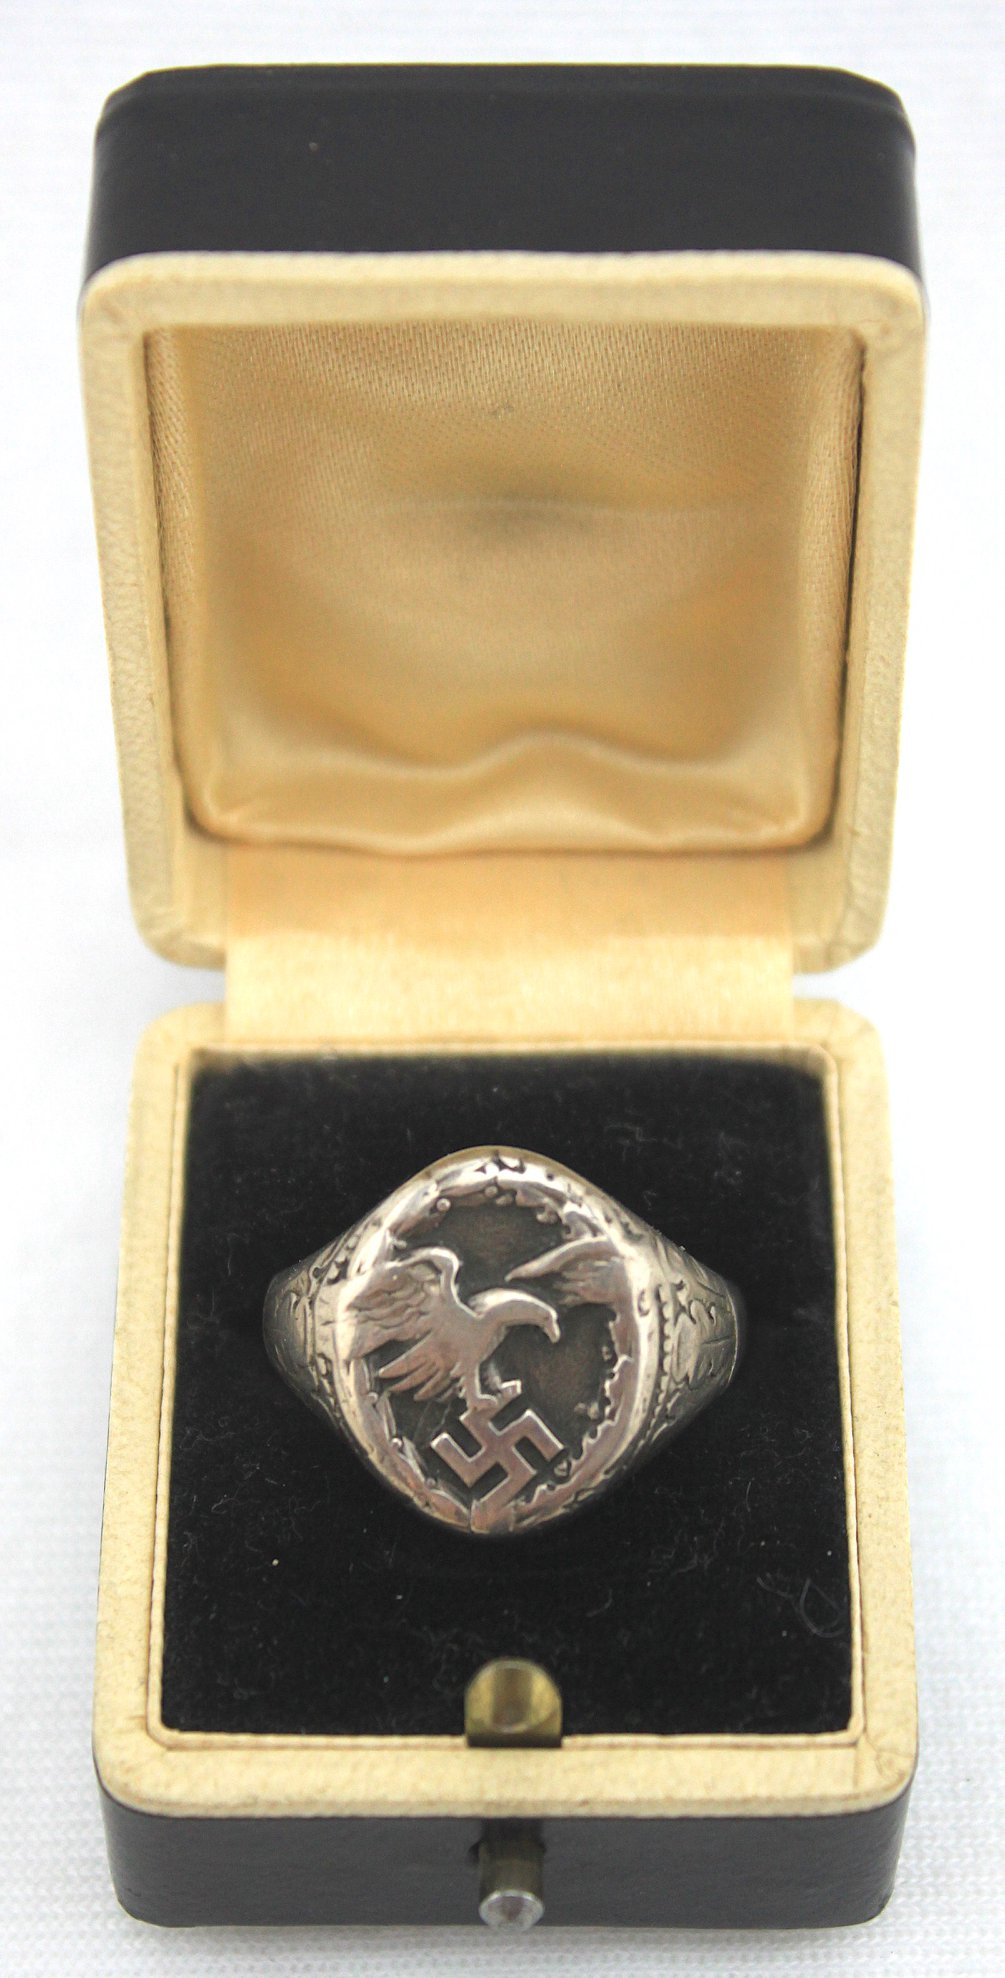 盒裝二戰德國空軍偵查機組員紀念戒指